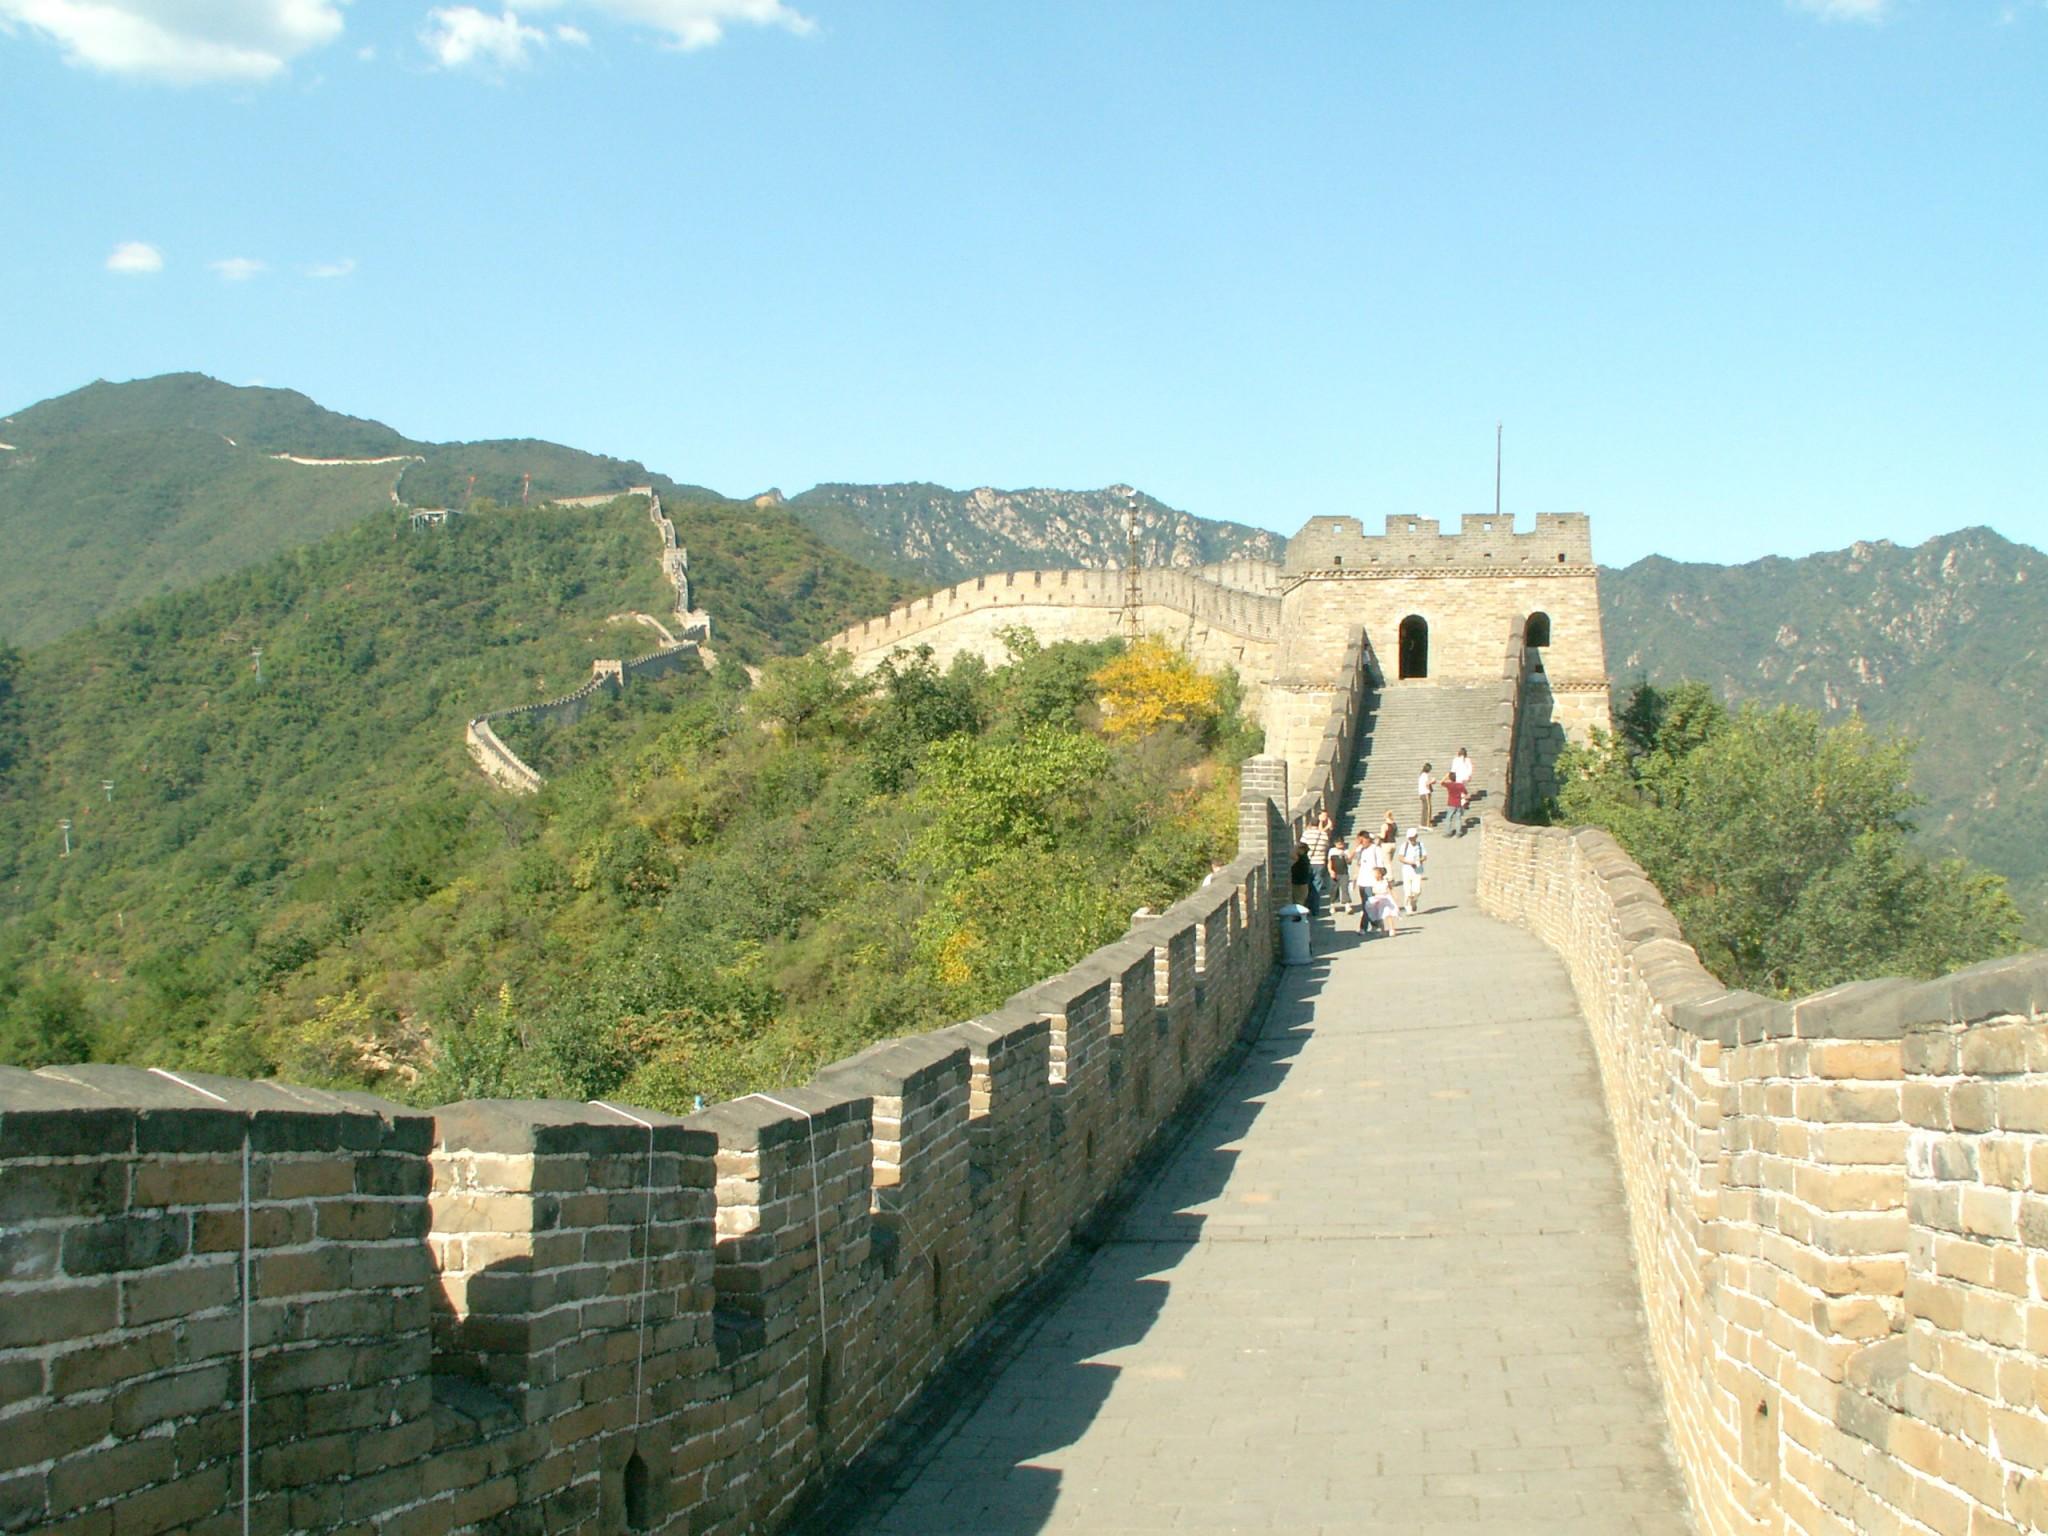 Kiinan muuri peking nähtävyydet